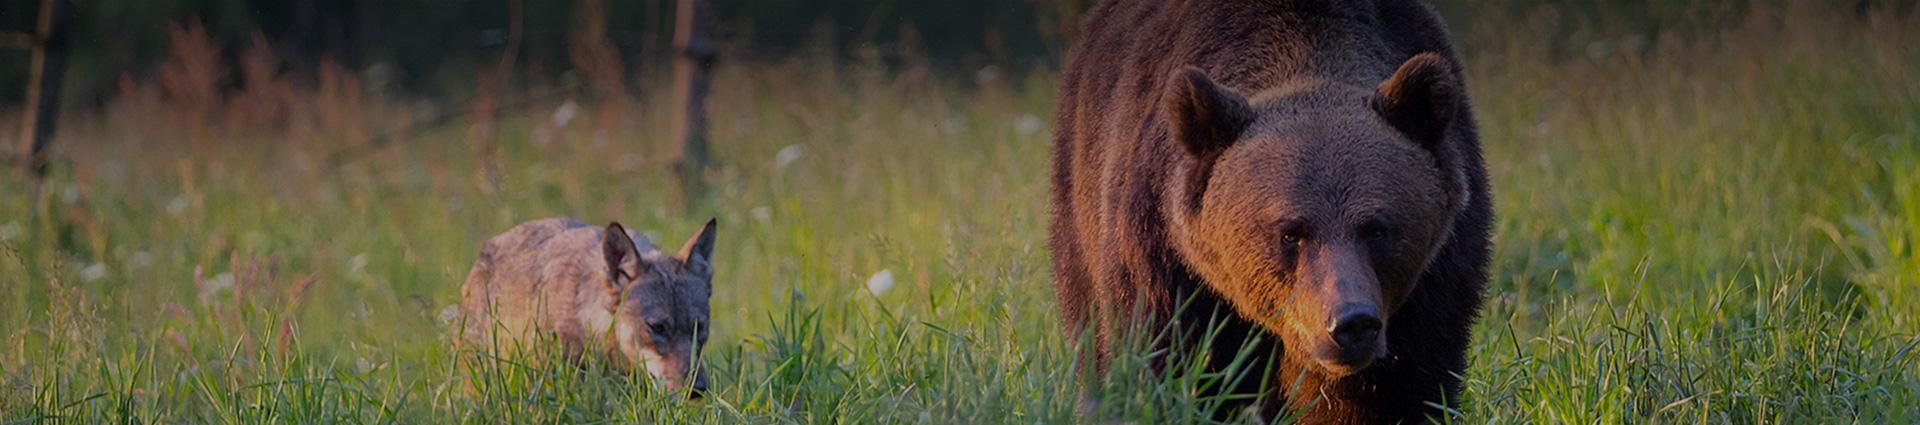 niedźwiedź z wilkiem